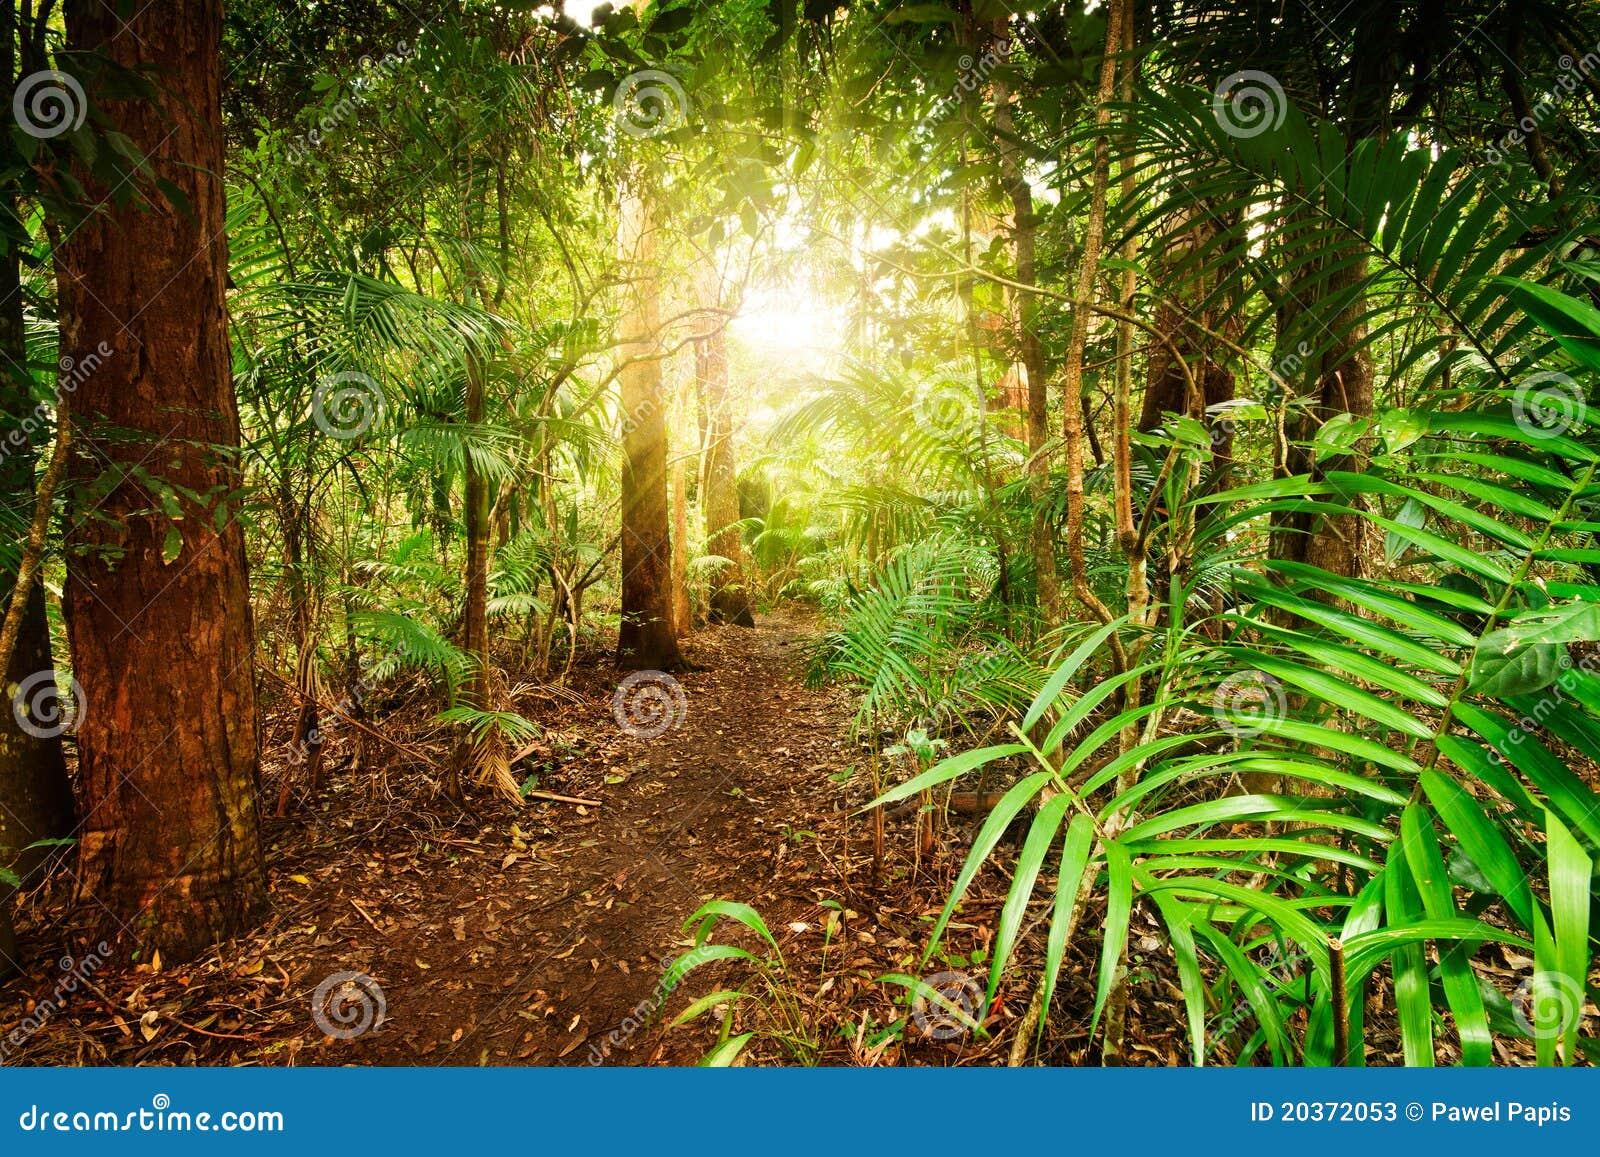 In australian rainforest stock photos image 20372053 for Australian rainforest